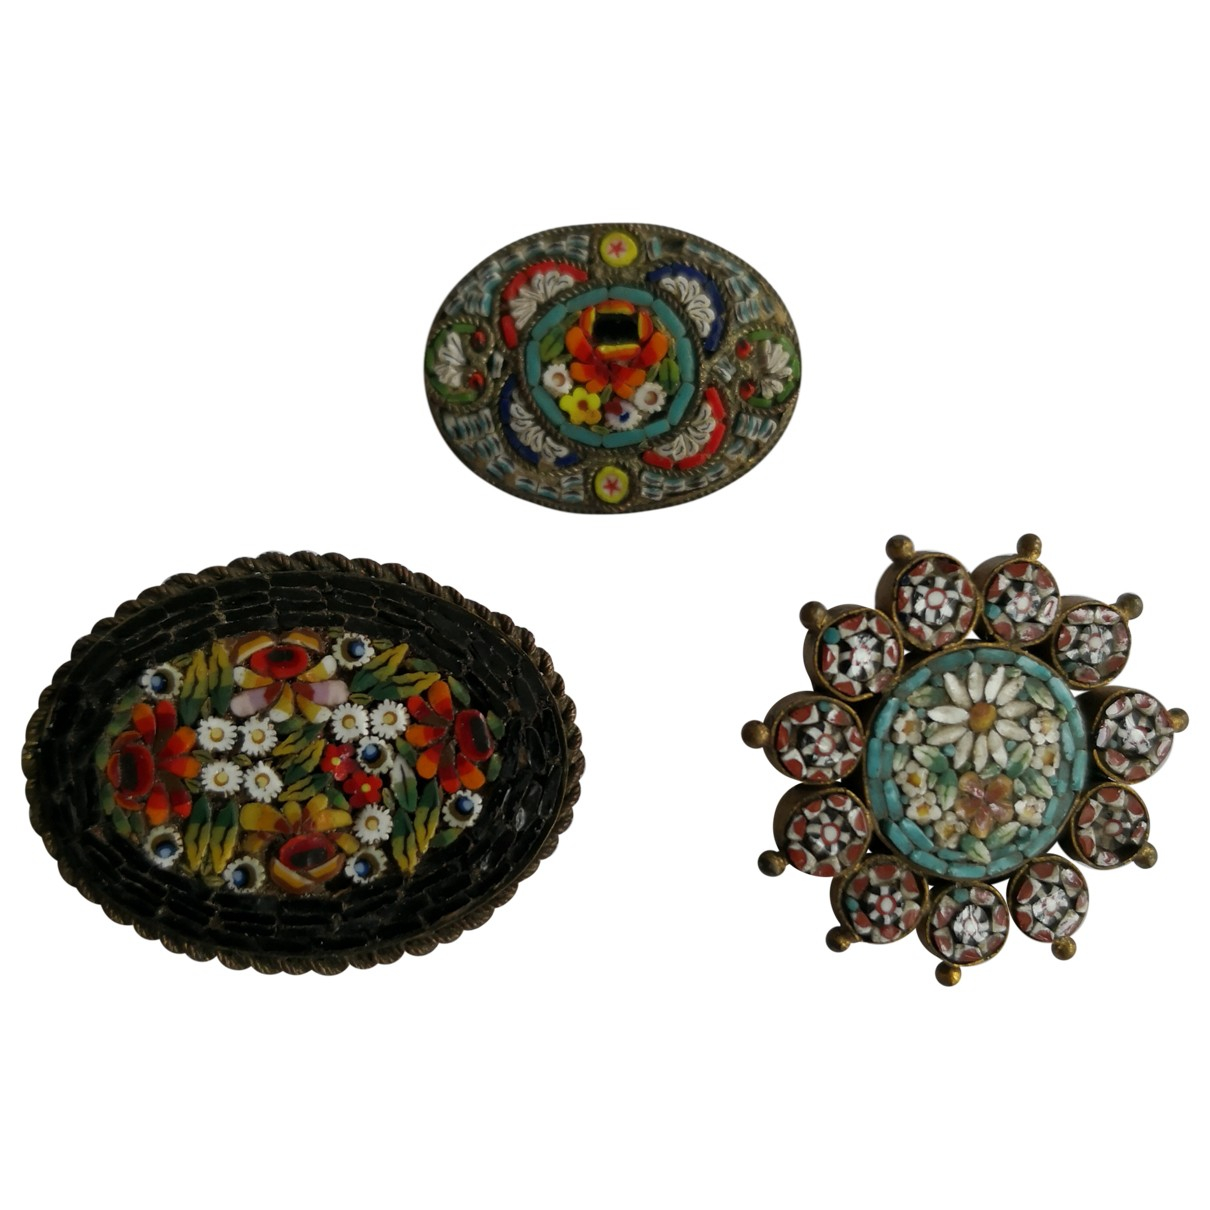 Broche Motifs Floraux de Ceramica Non Signe / Unsigned